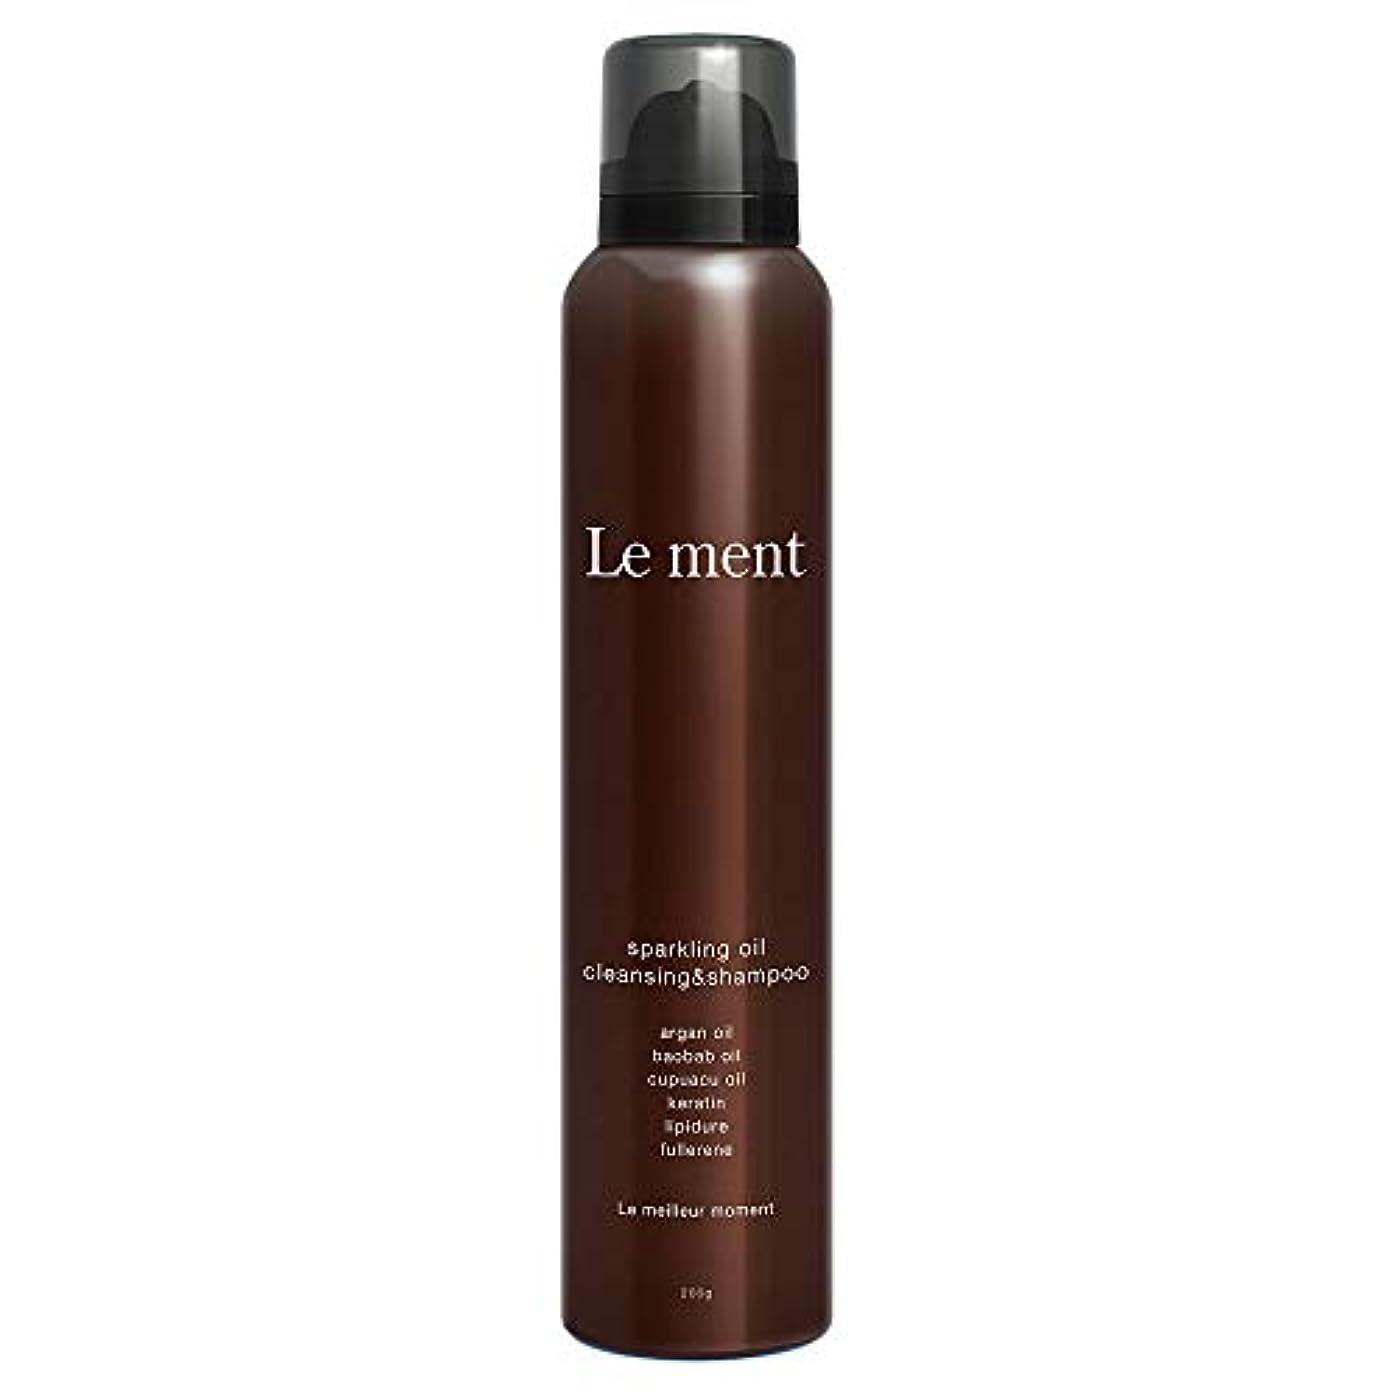 事前しないでくださいデッドLe ment -sparkling oil cleansing & shampoo -